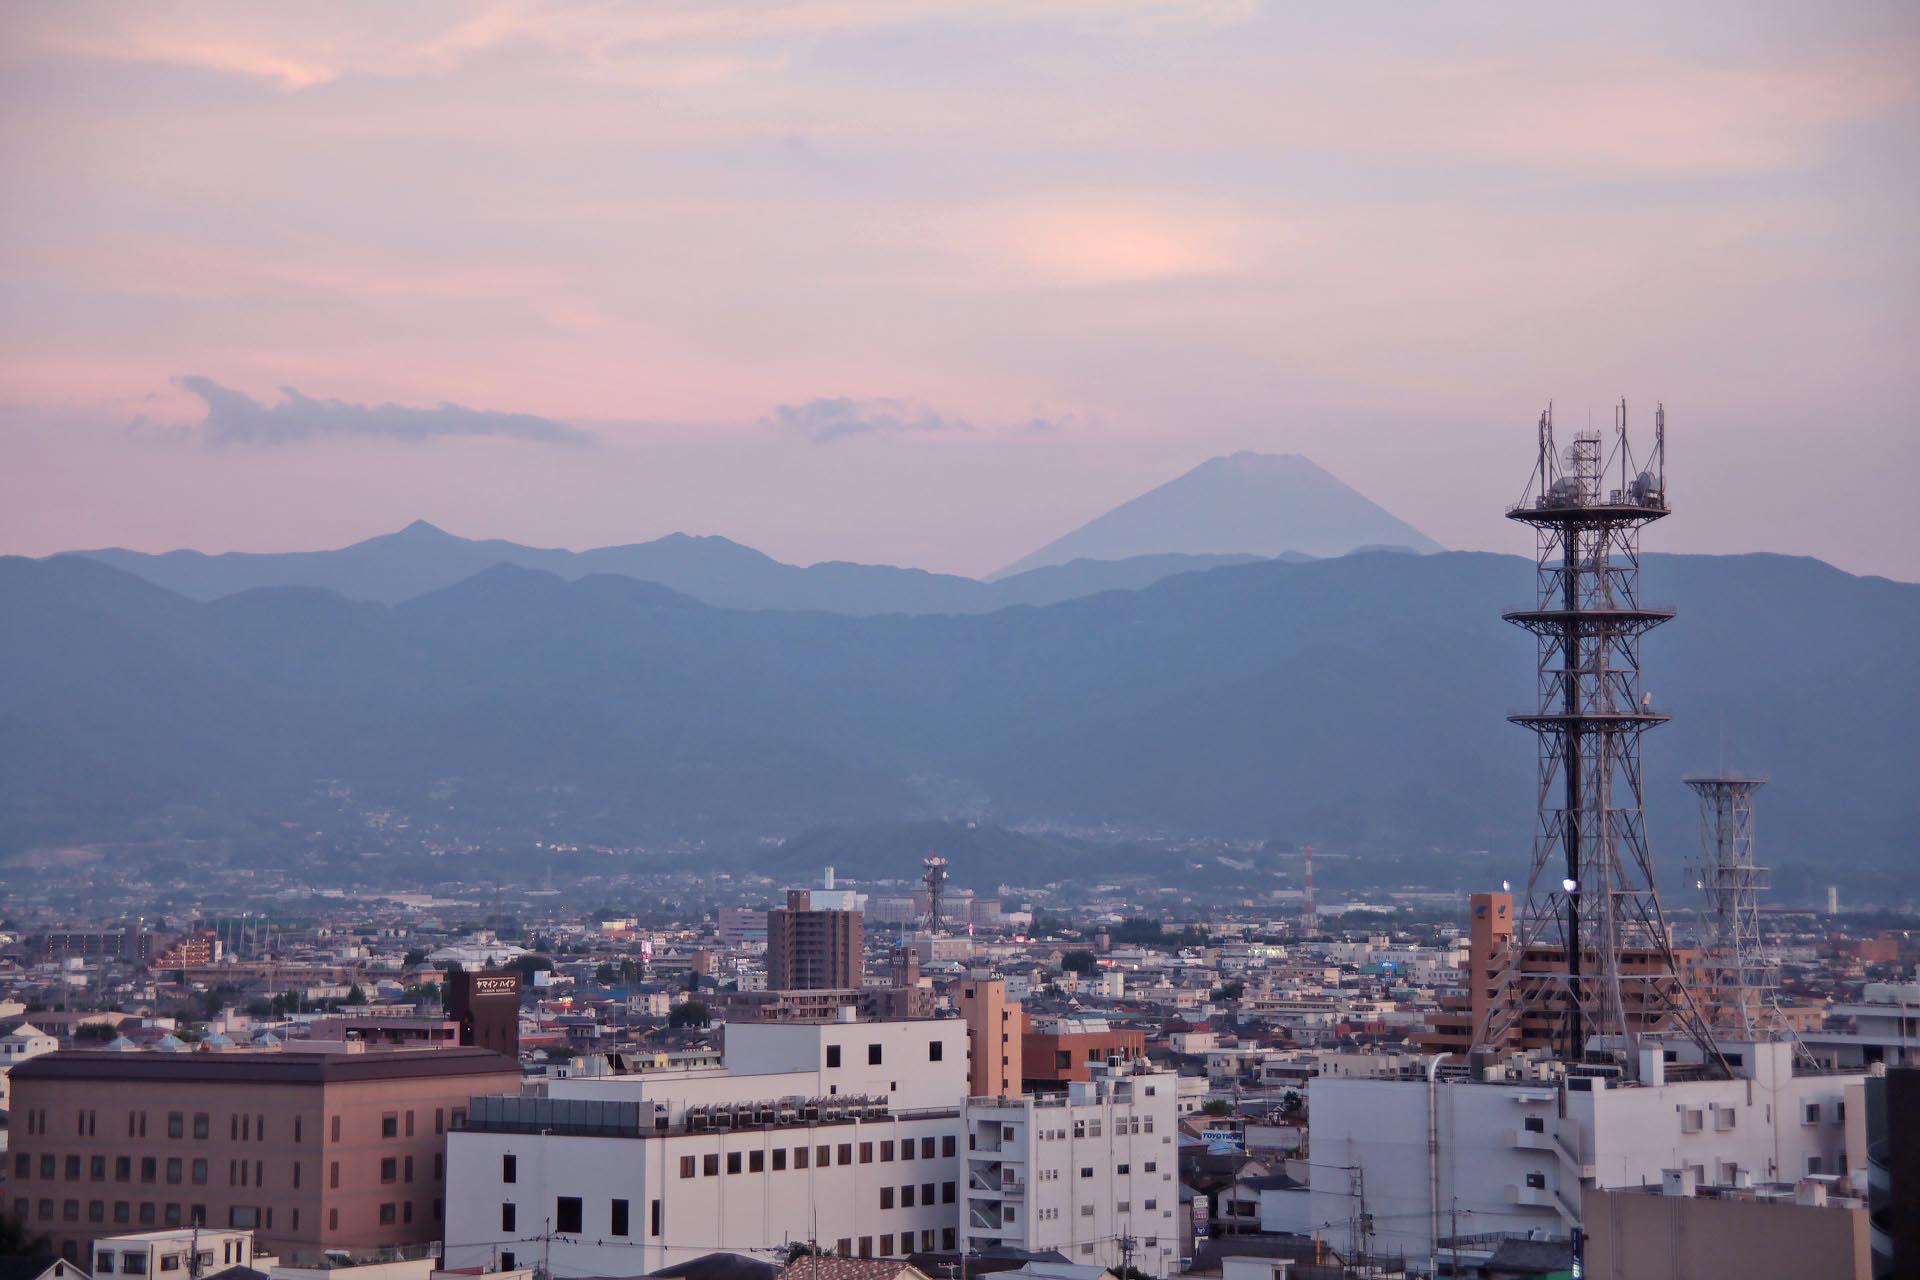 夏の夕暮れの富士山 山梨の風景